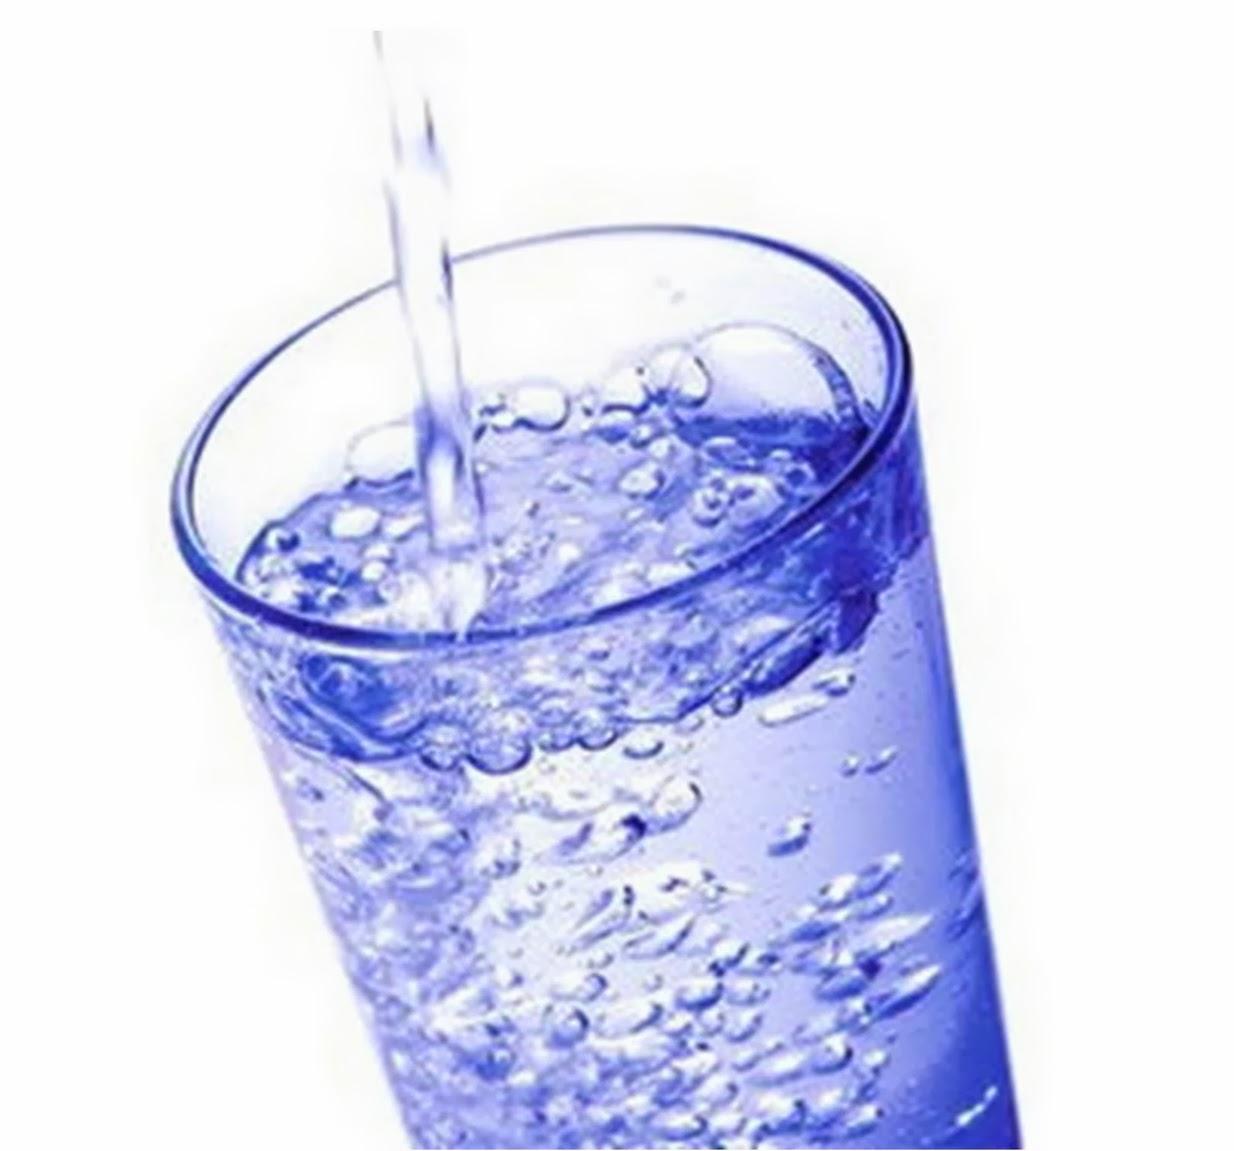 Manfaat Air Putih yang Sederhana dan Sangat Berguna untuk ...